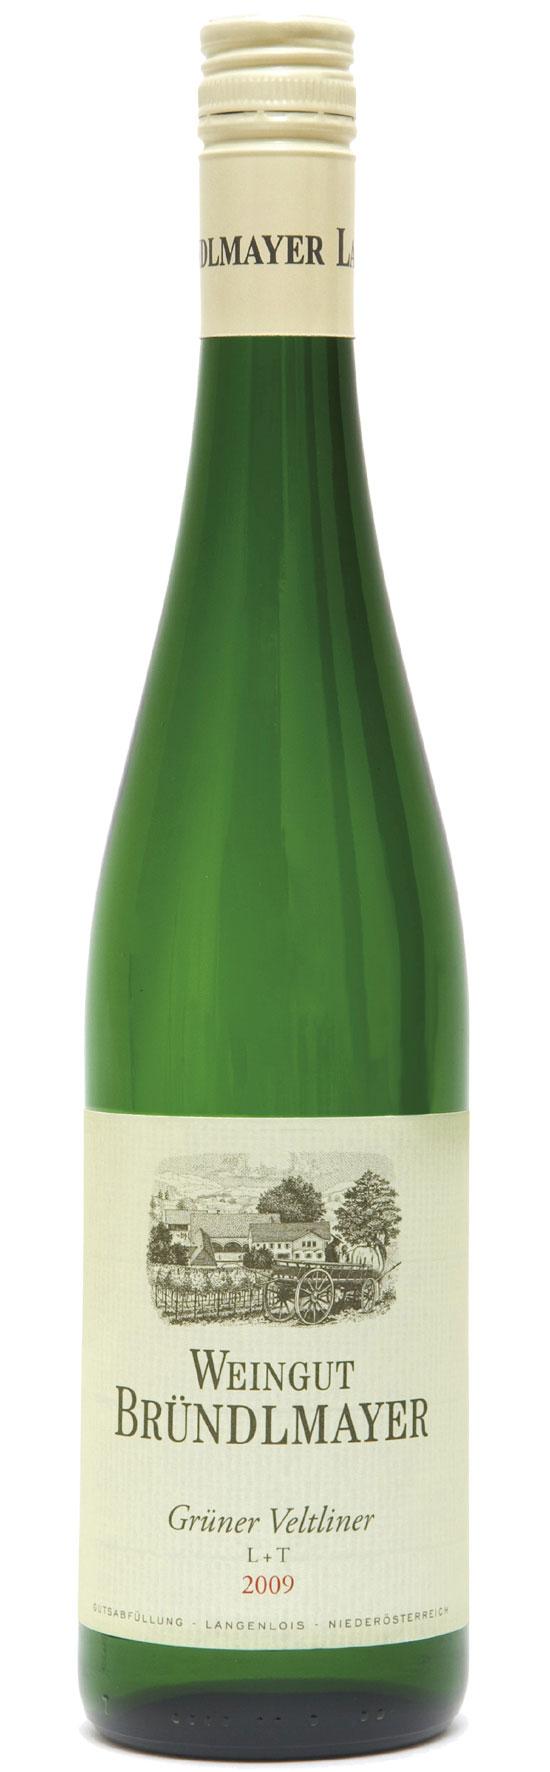 Weingut Bründlmayer Grüner Veltliner L & T 2019